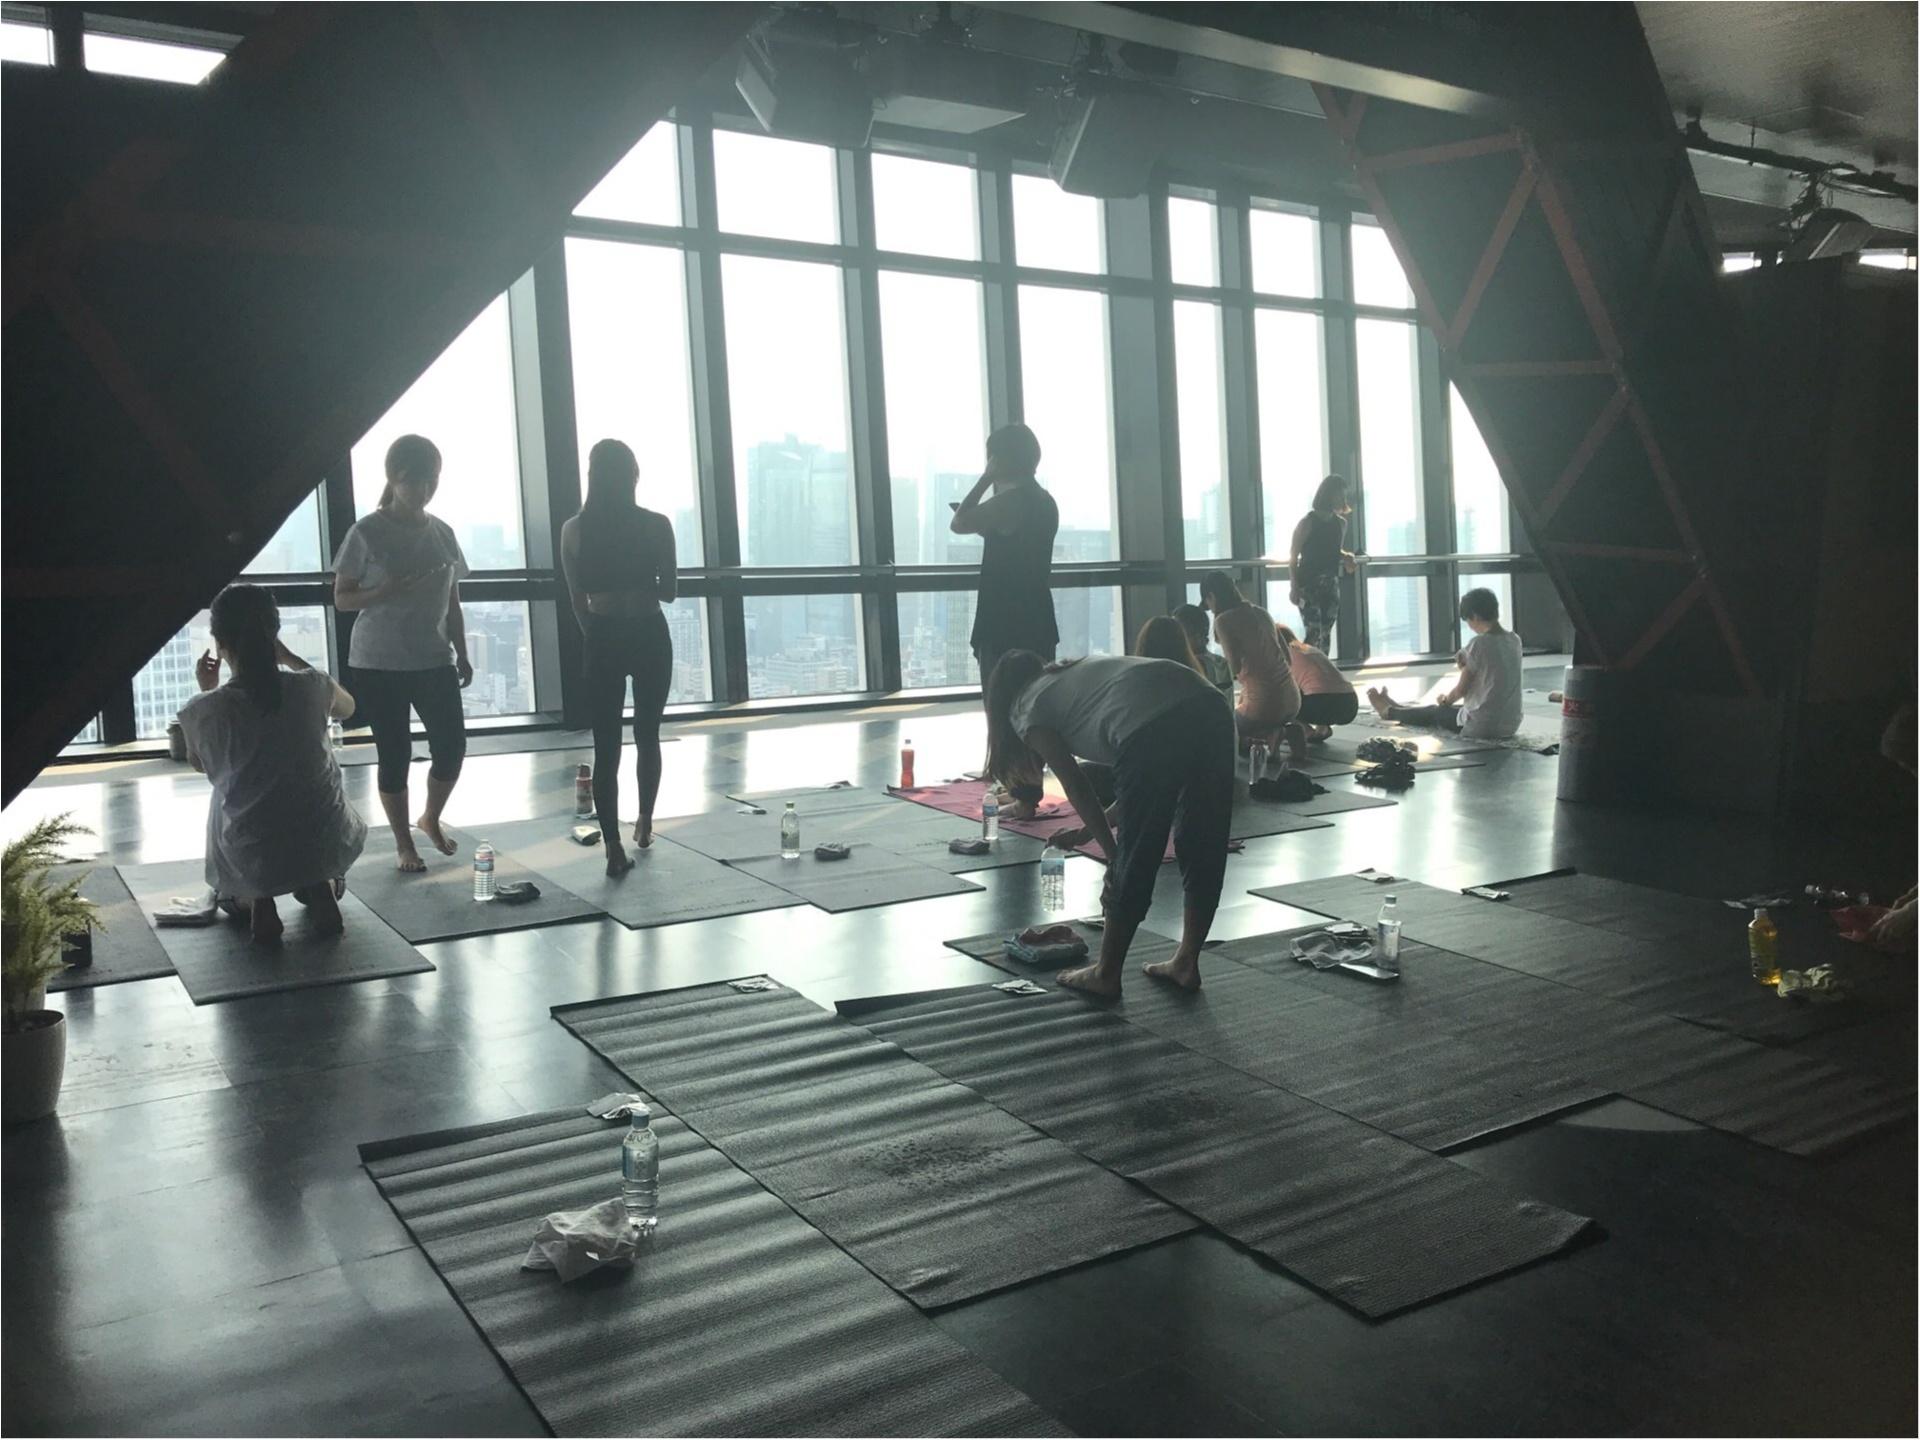 【朝活】にチャレンジ!東京タワーの展望台で「眺め最高」のヨガ体験してきました♡_1